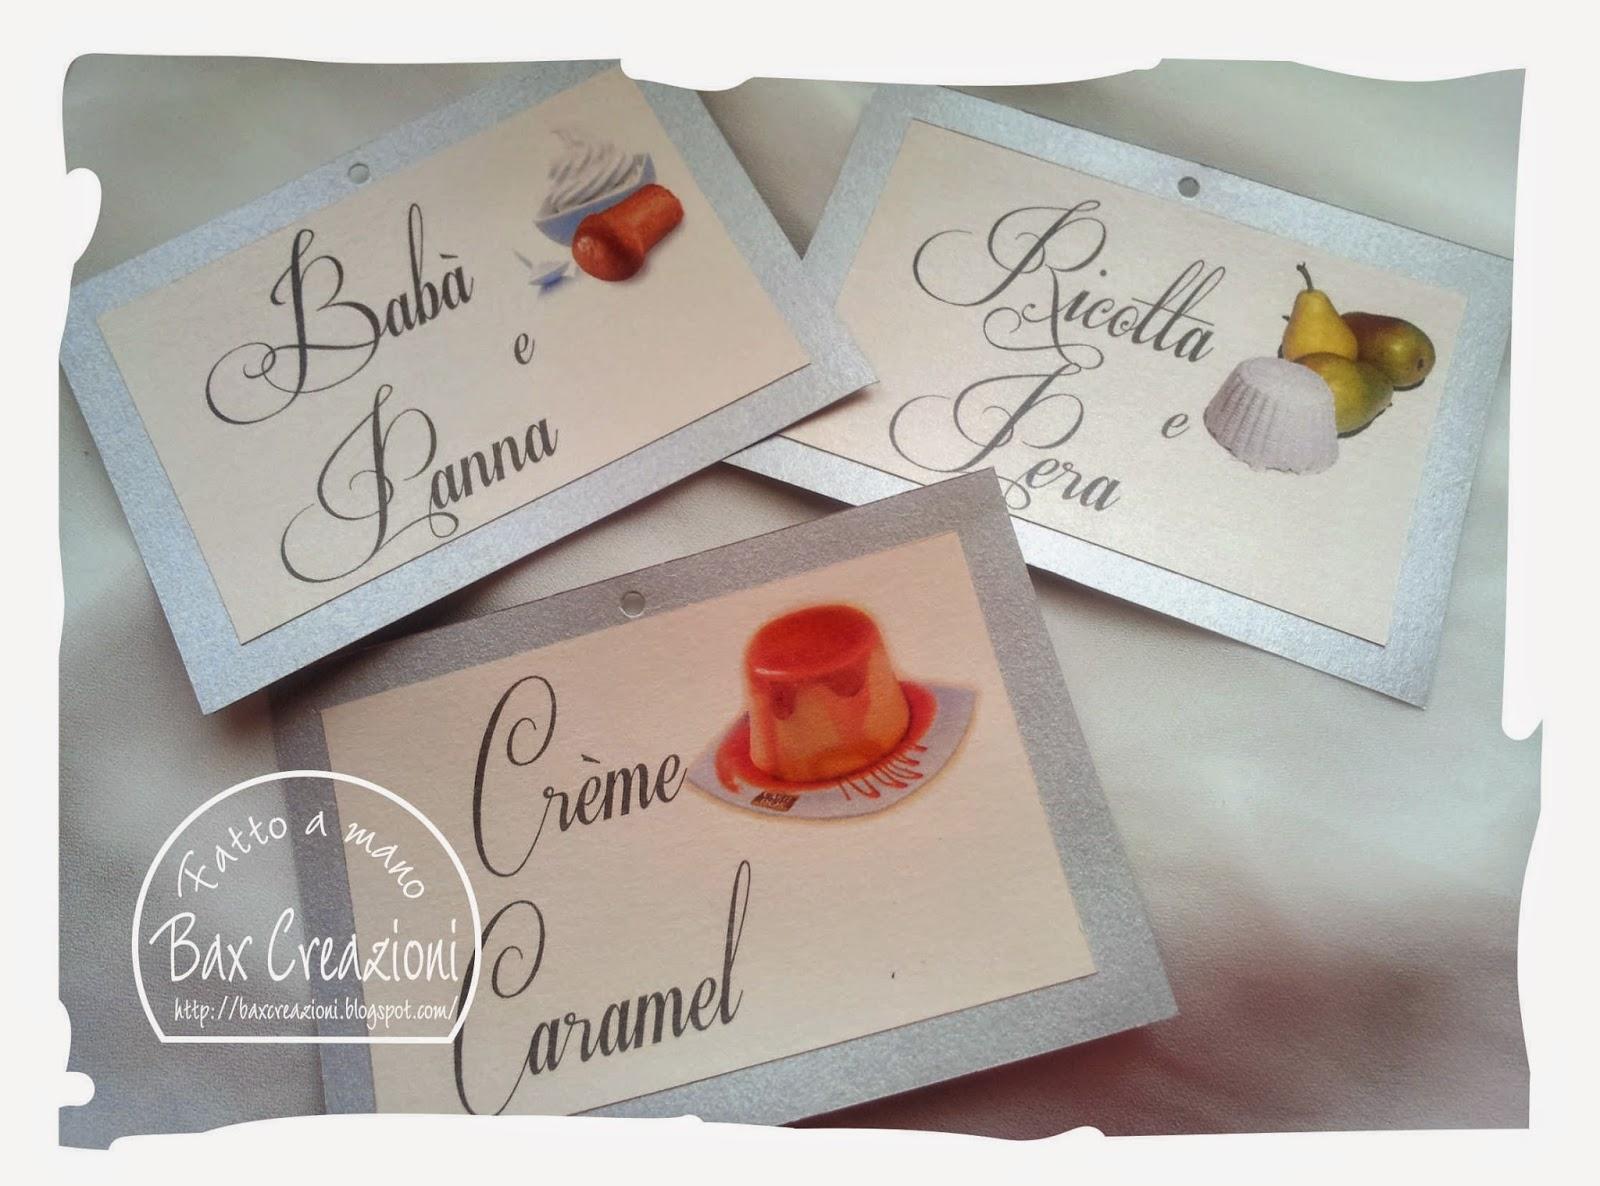 Amato Bax Creazioni: Nozze d'argento - i cartelli per la confettata LK36